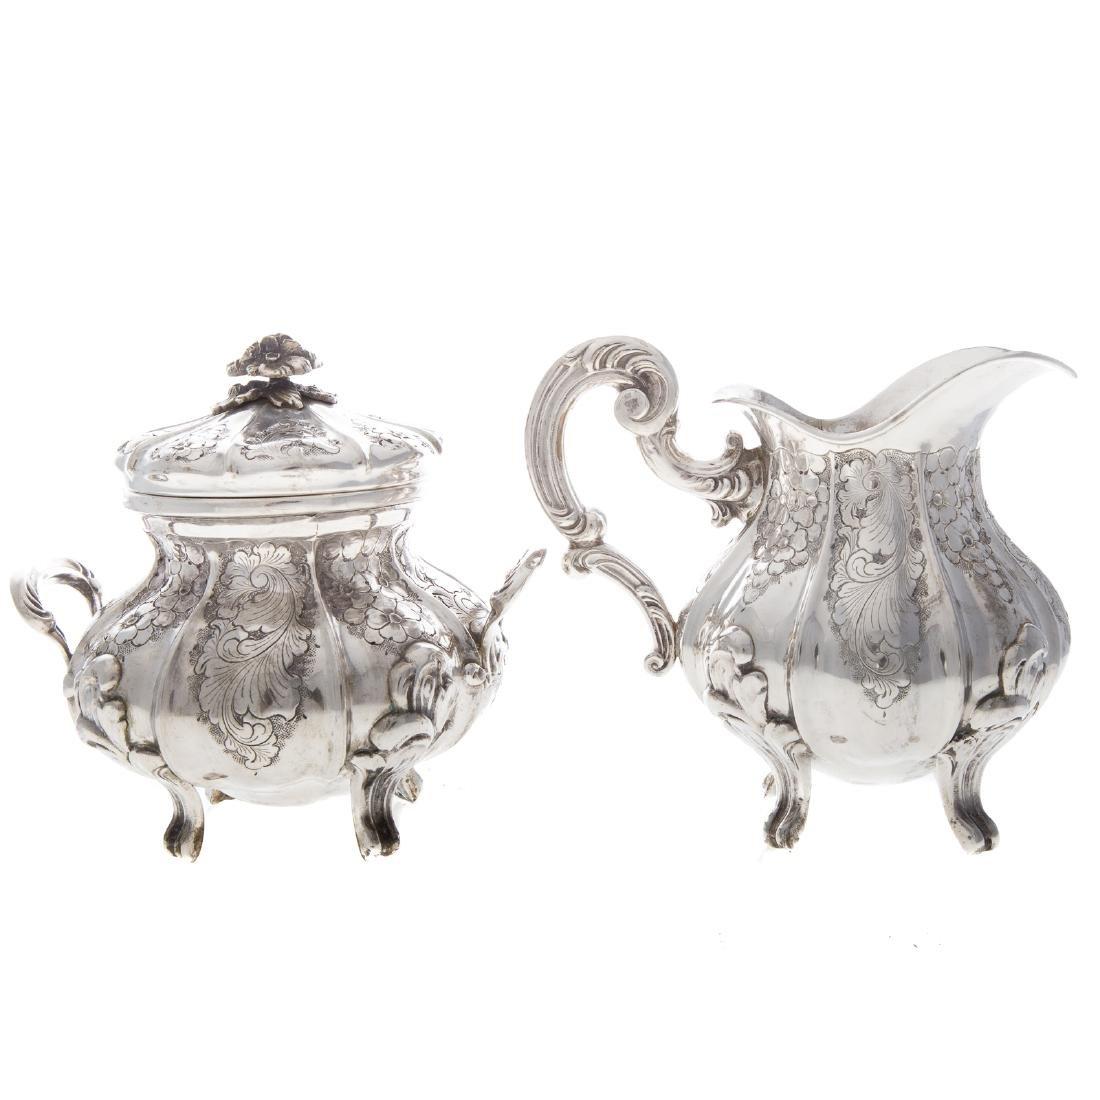 Italian silver 4-piece coffee & tea service - 5